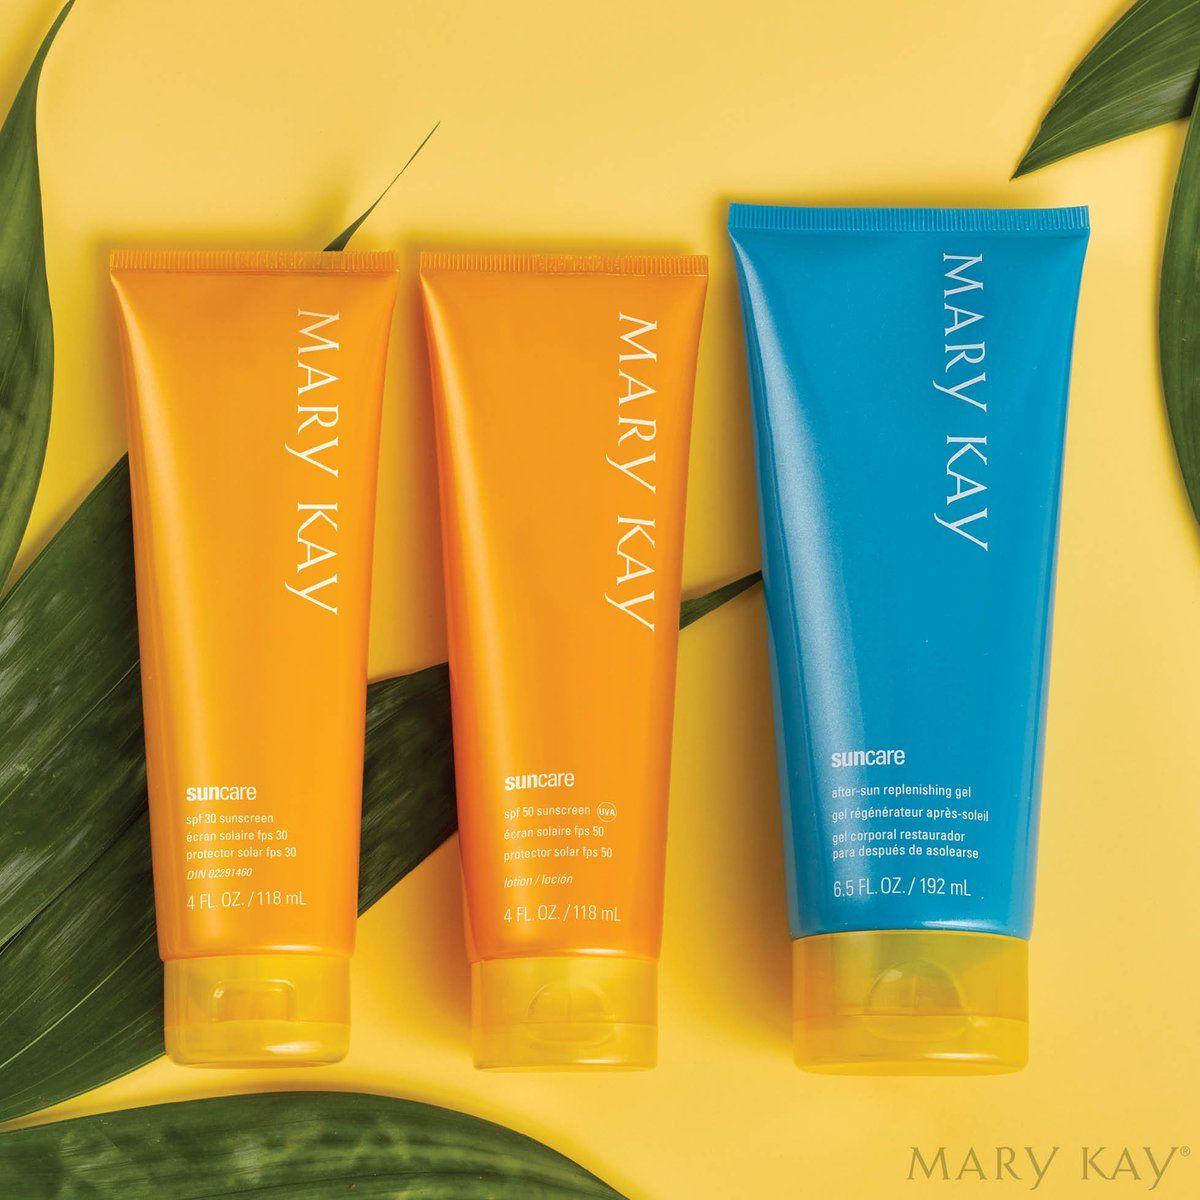 Productos Proteccion Solar Mary Kay Mary Kay Crema Para La Piel Cosmeticos Mary Kay